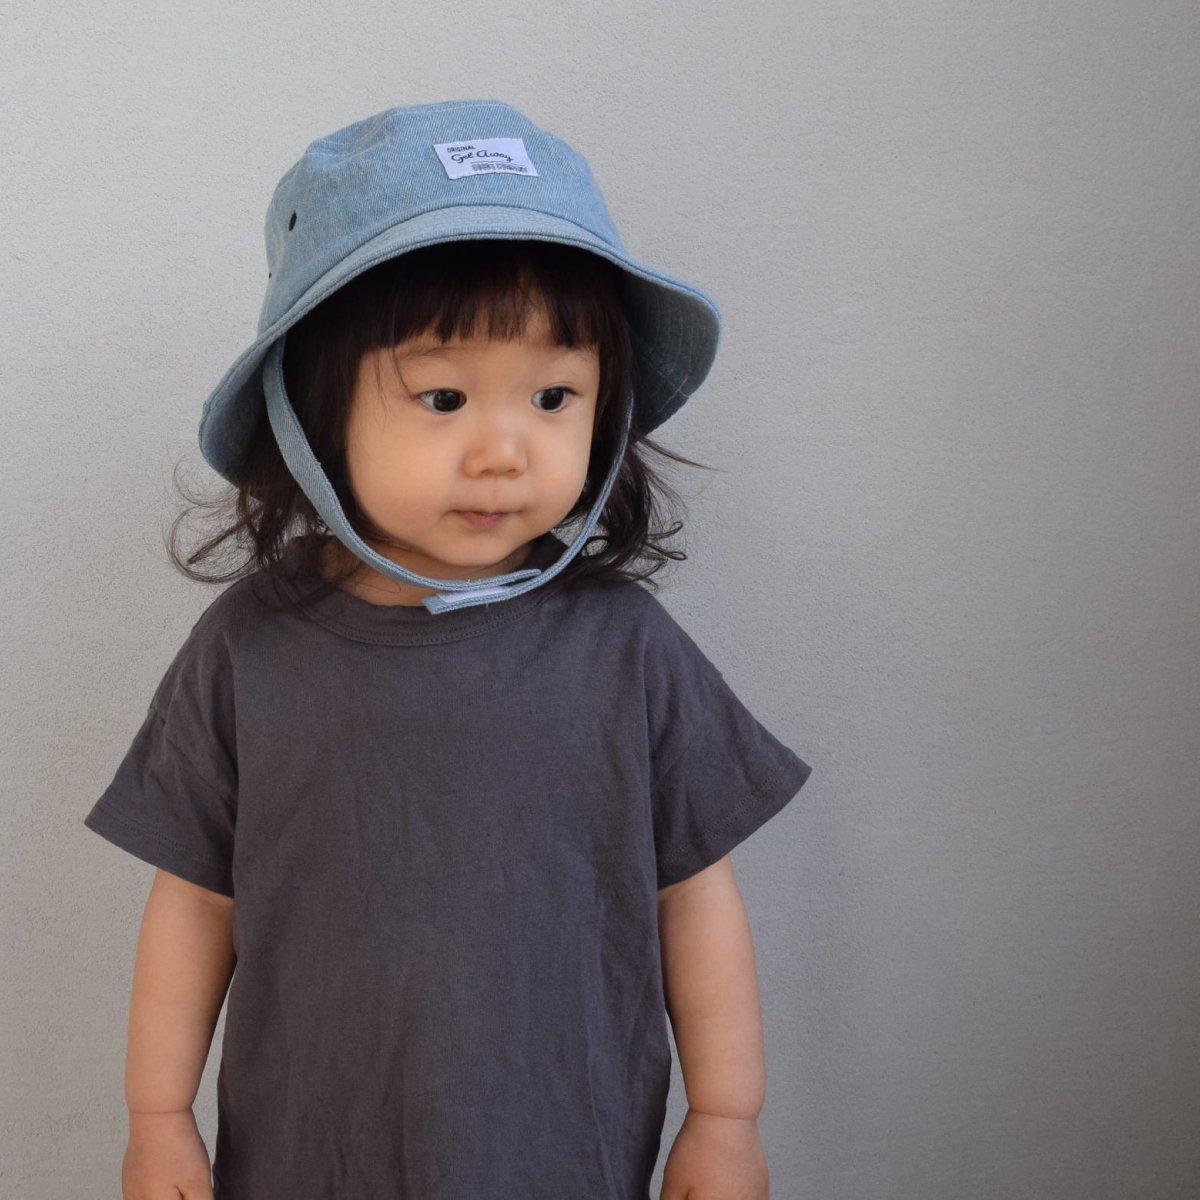 【BABY】Denim Wash Hat 詳細画像15